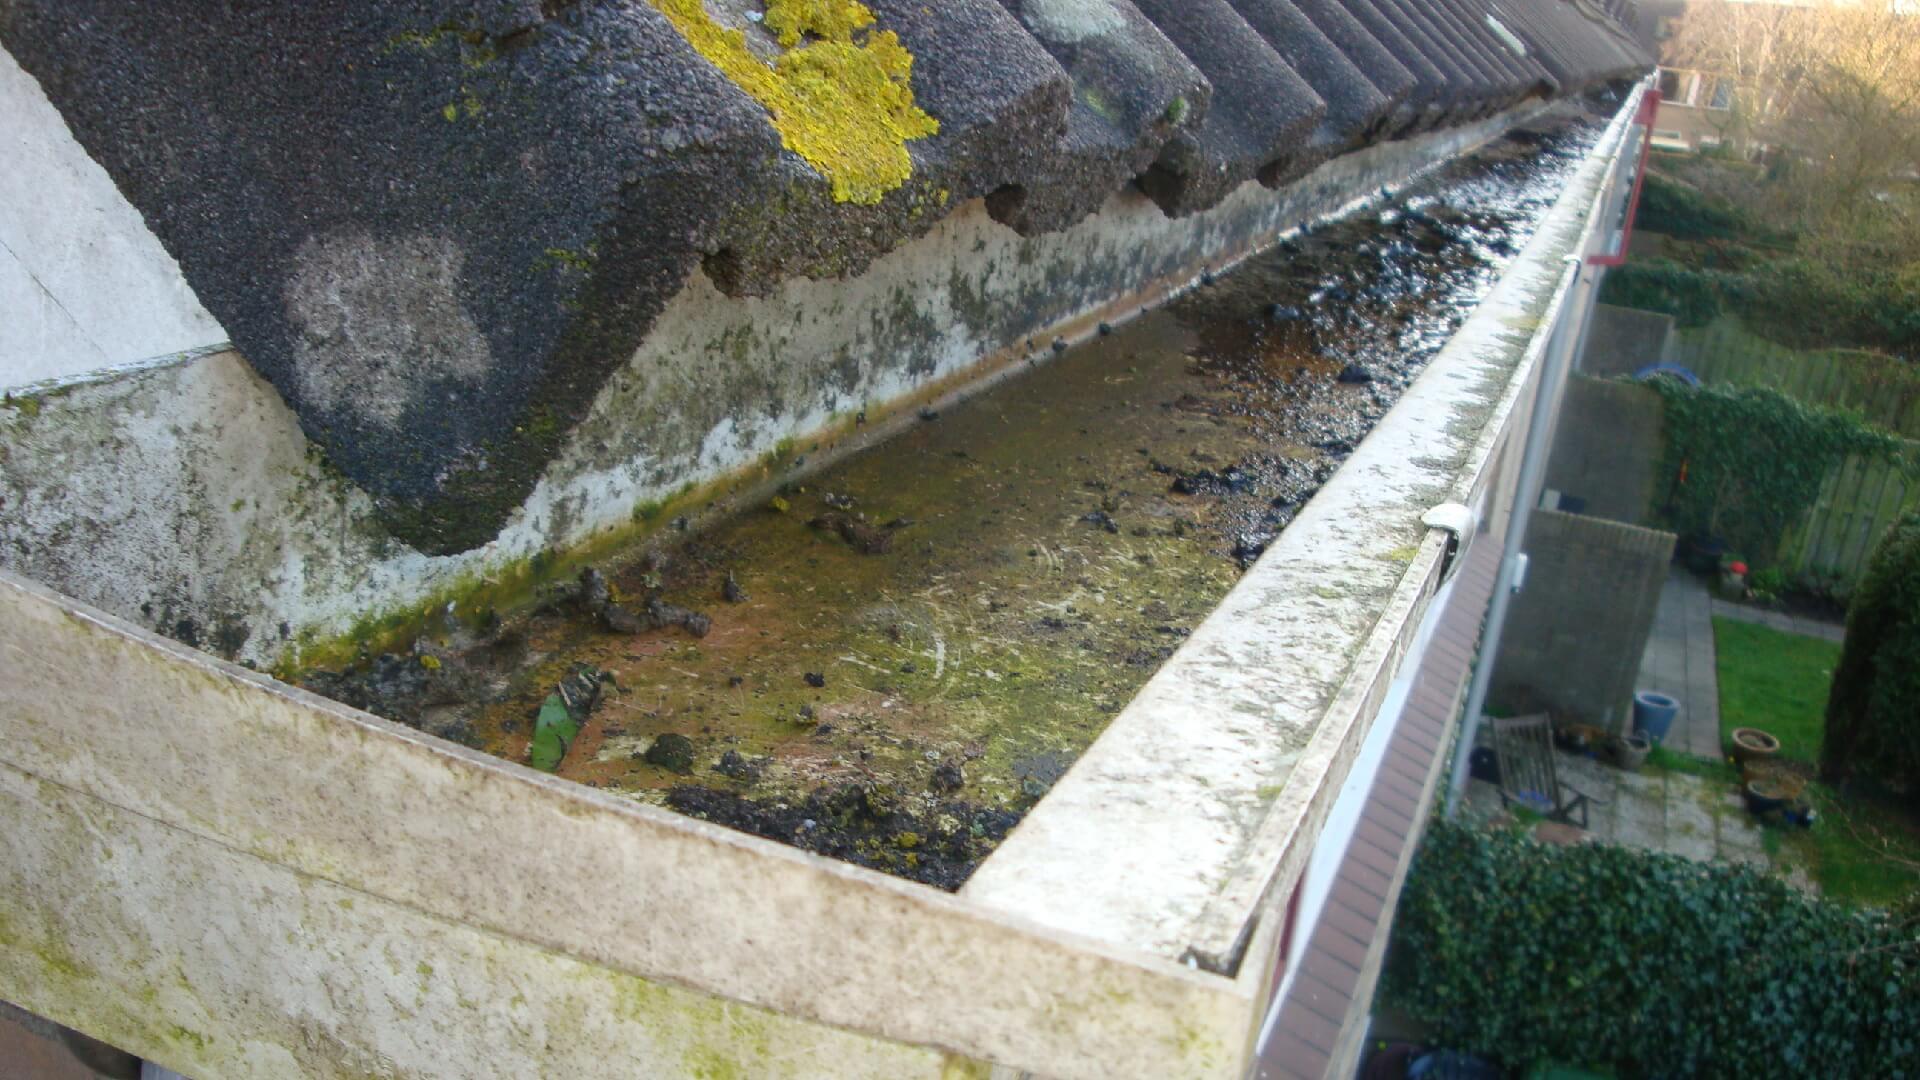 Dakgootlekkage? Onderhoudscontract daklekkage Amersfoort voorkomt schade als gevolg van verstopte dakgoten.